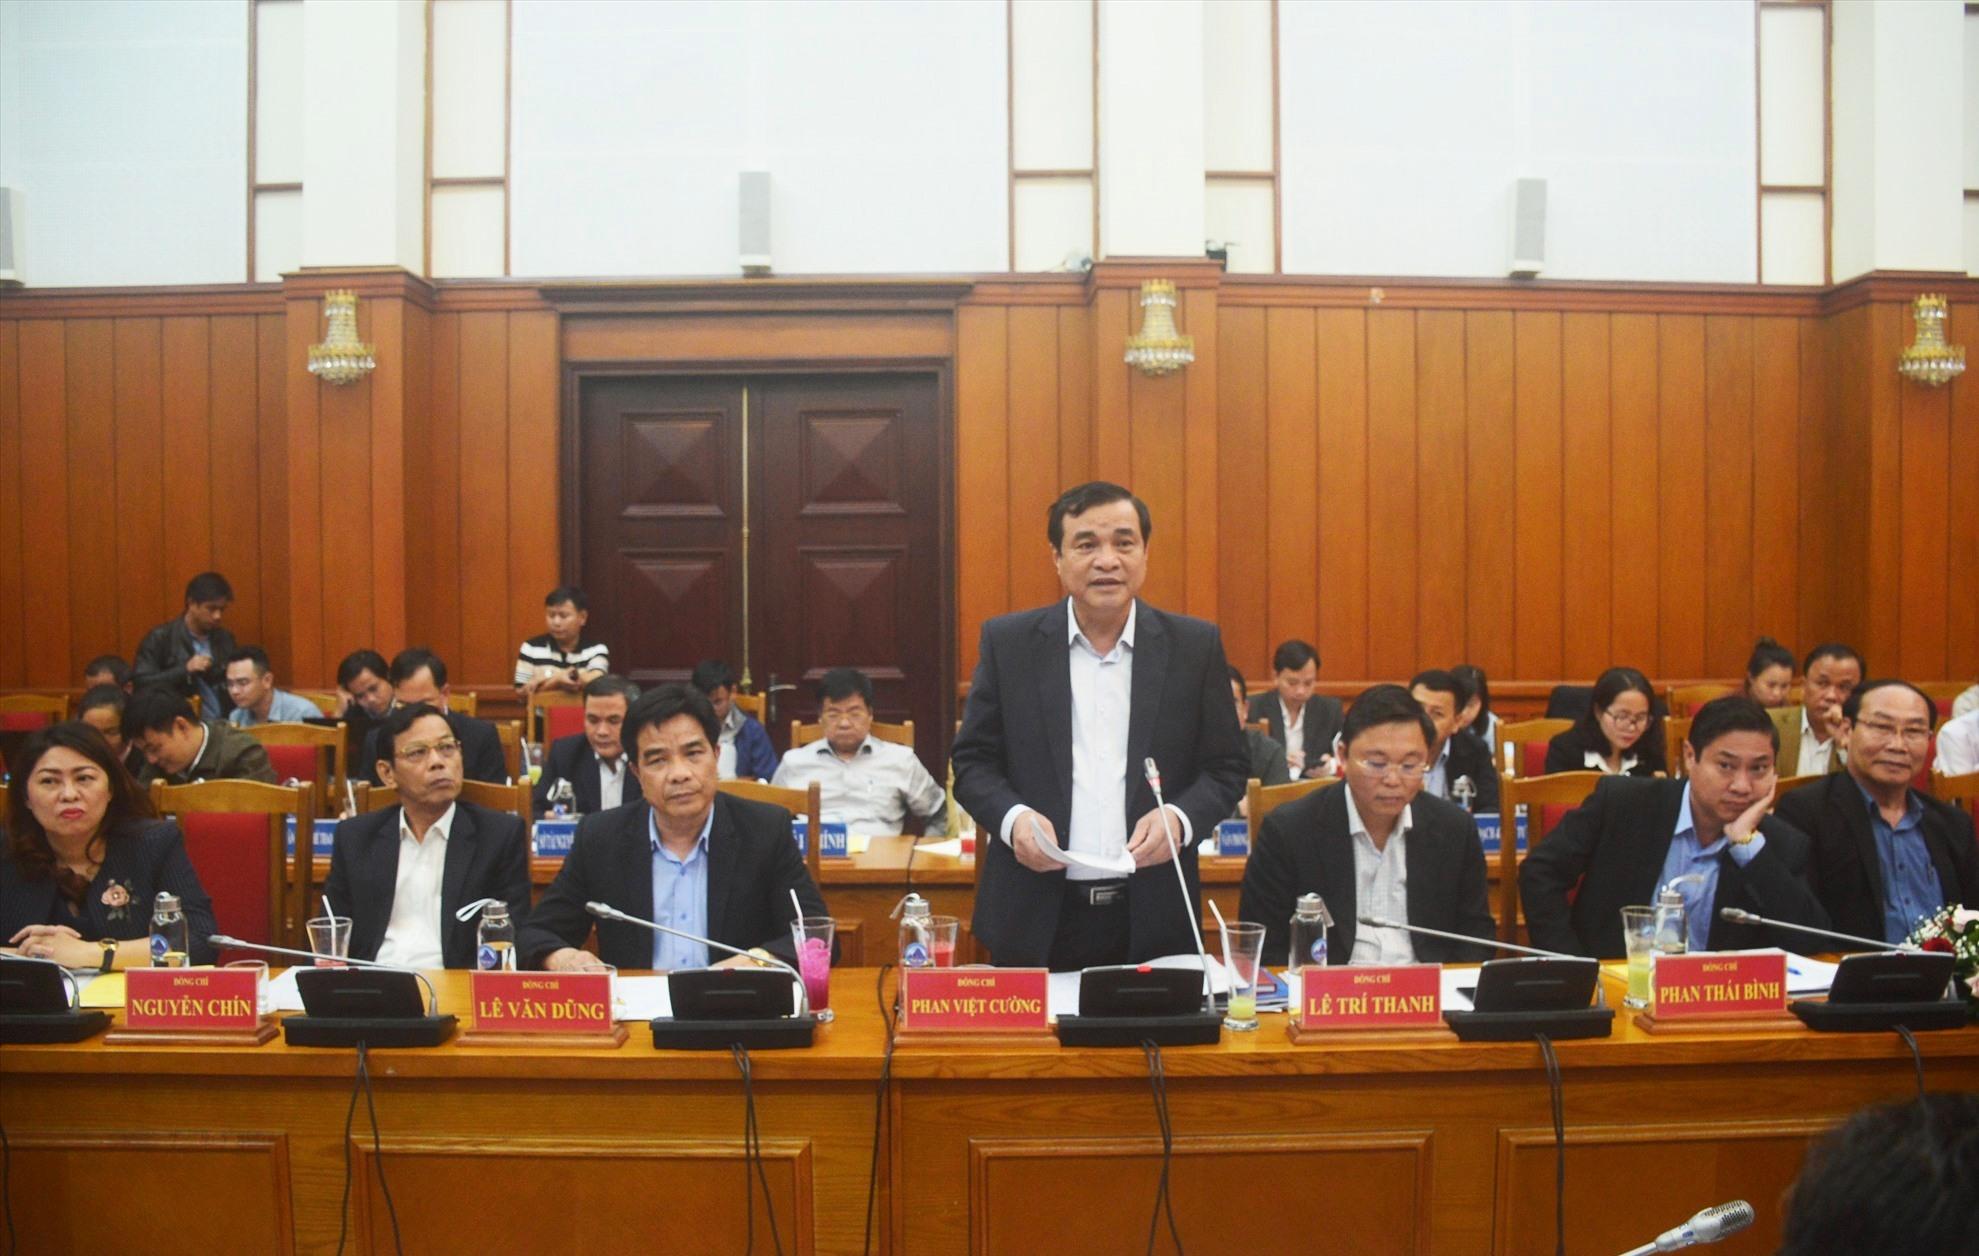 Bí thư Tỉnh ủy Phan Việt Cường phát biểu tại hội nghị. Ảnh: Q.T